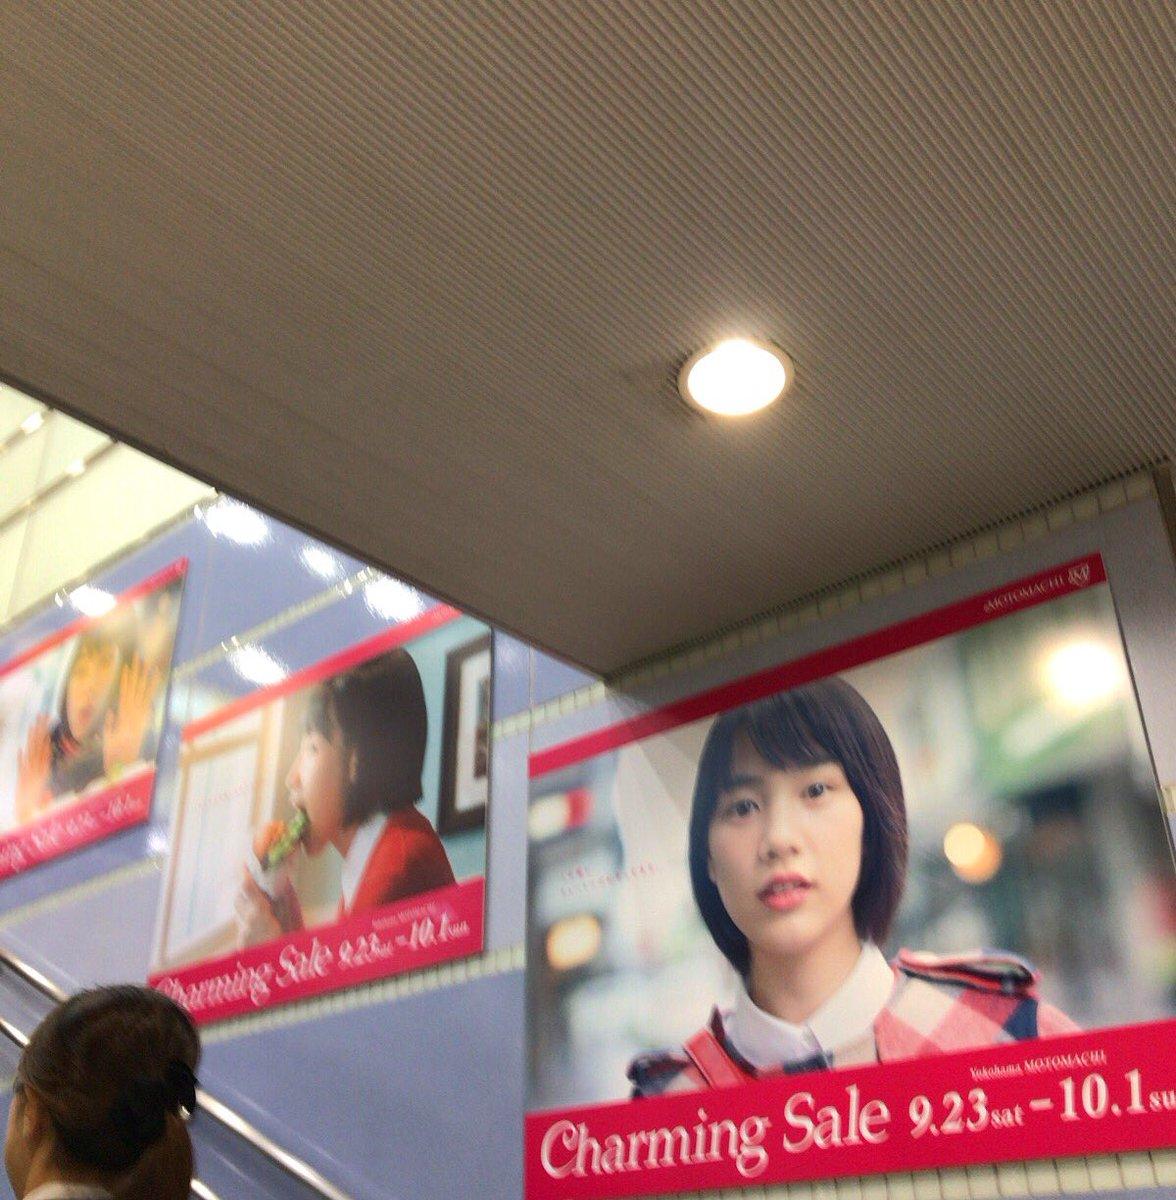 横浜は、ハマトラなのんちゃんに見つめられている。